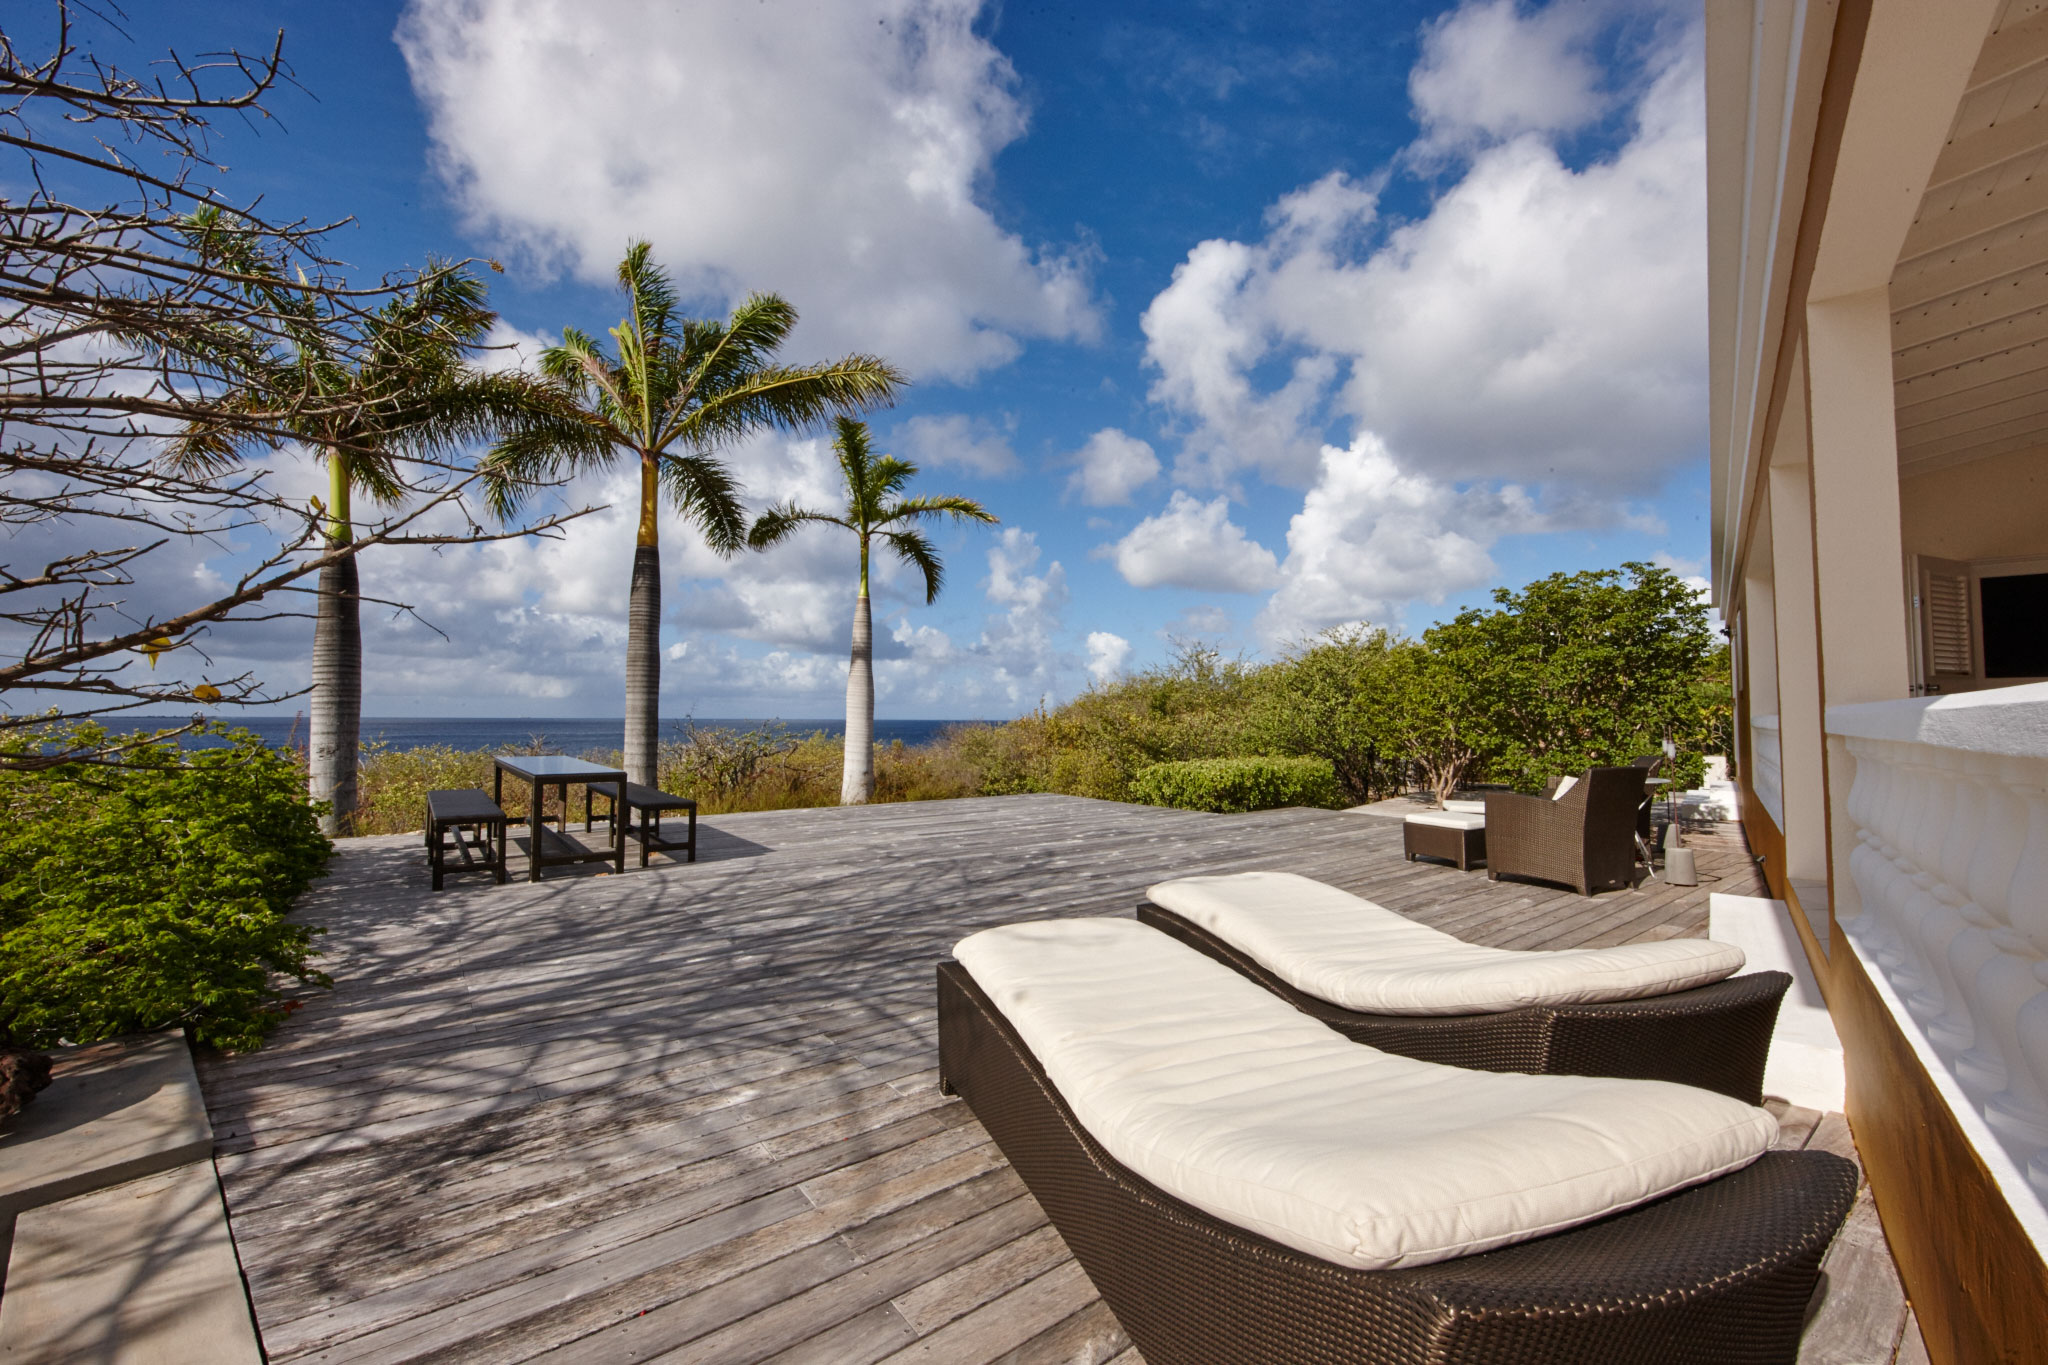 Bonaire oceanfront villa rental